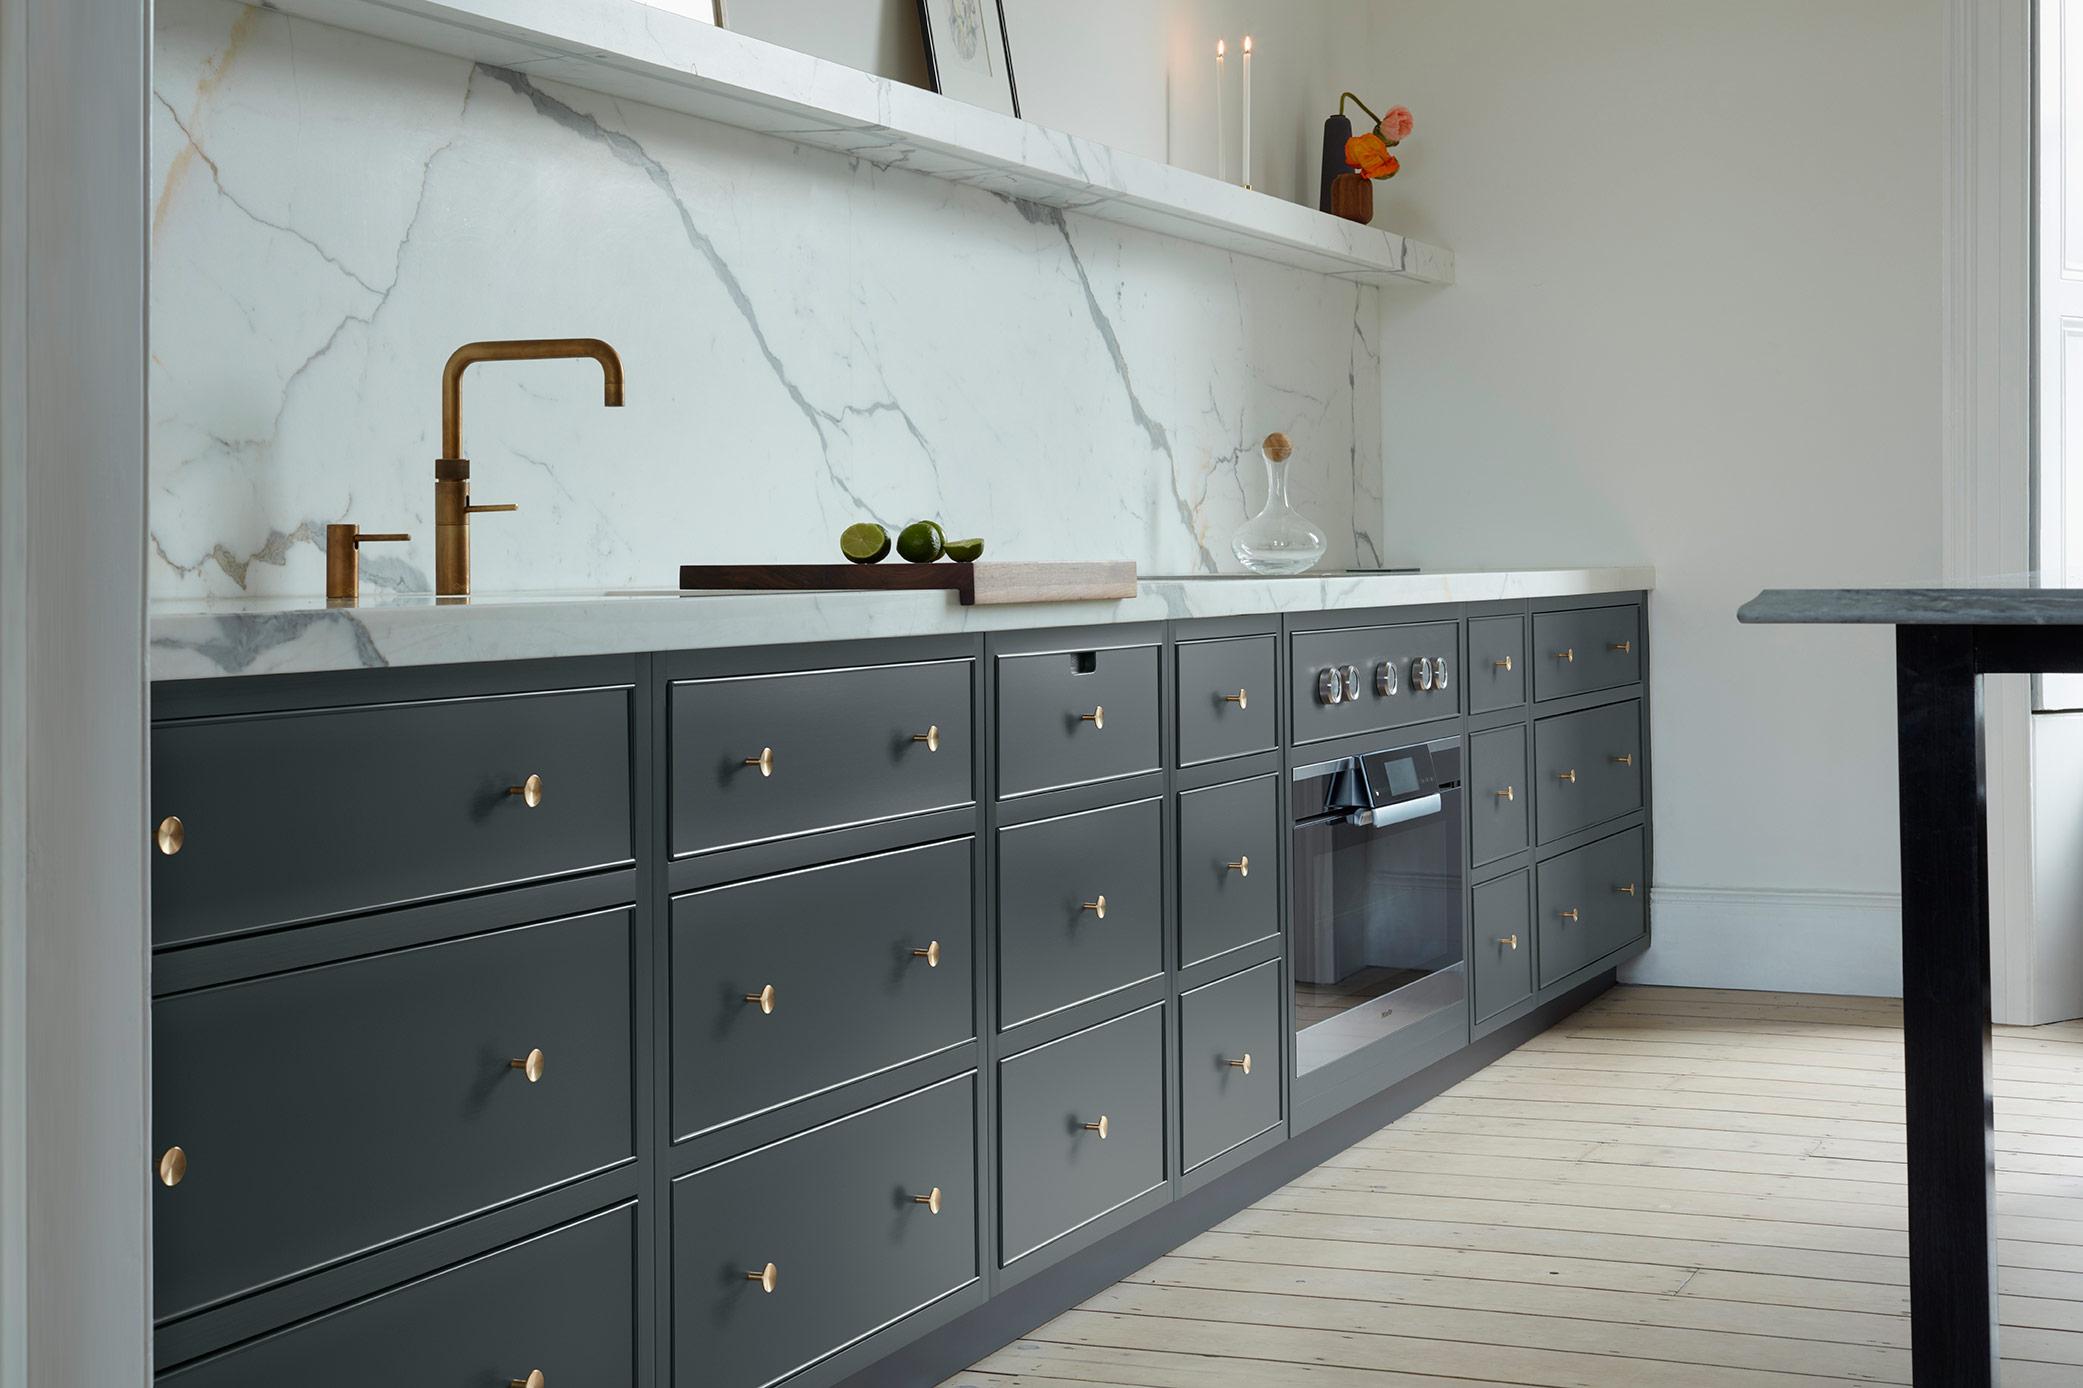 P&J – Rathgar – Kitchen Cabinets